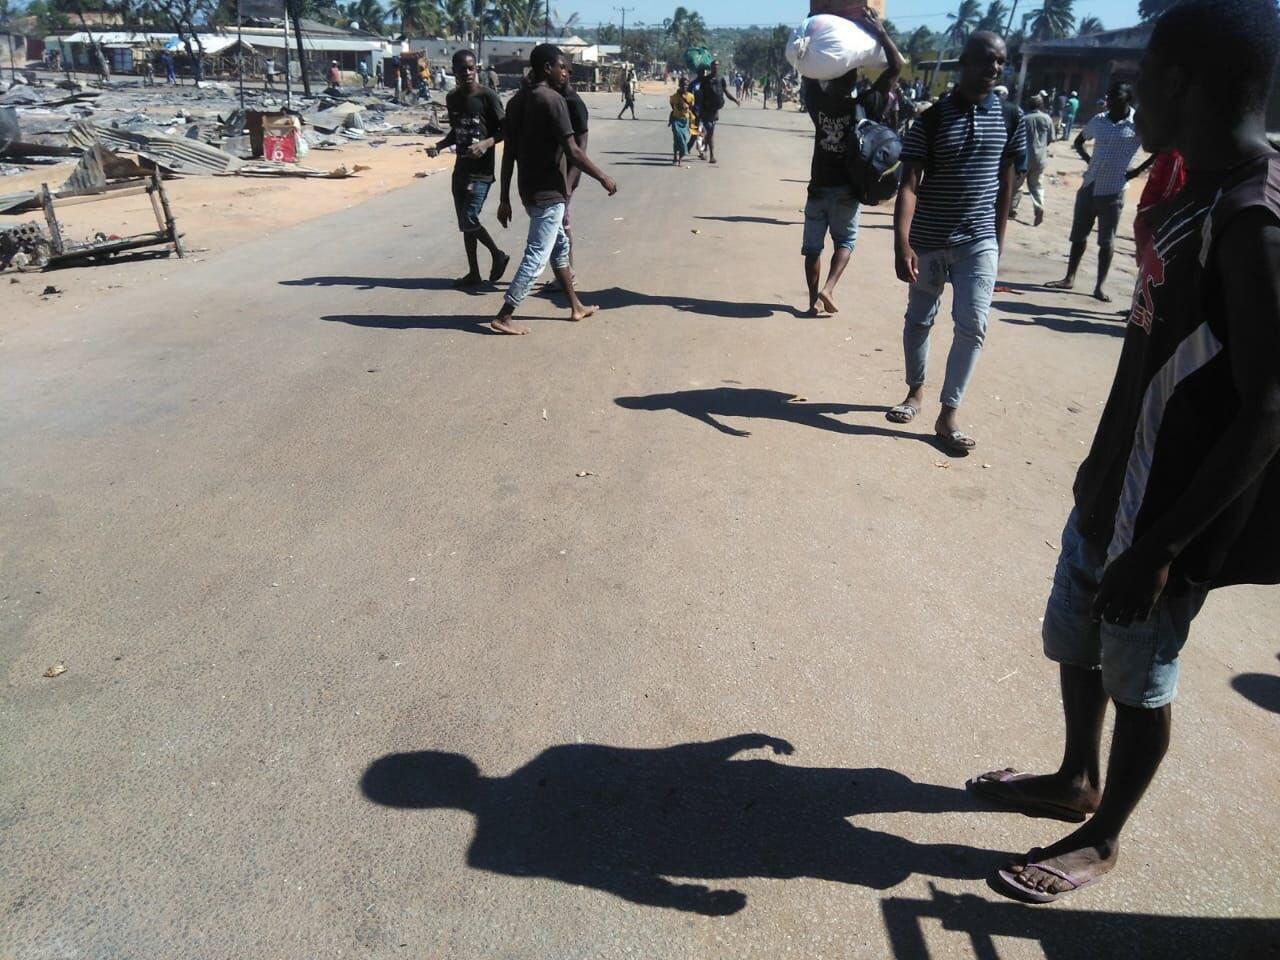 PM de Moçambique apela jovens a afastar-se de grupos terroristas em Cabo Delgado